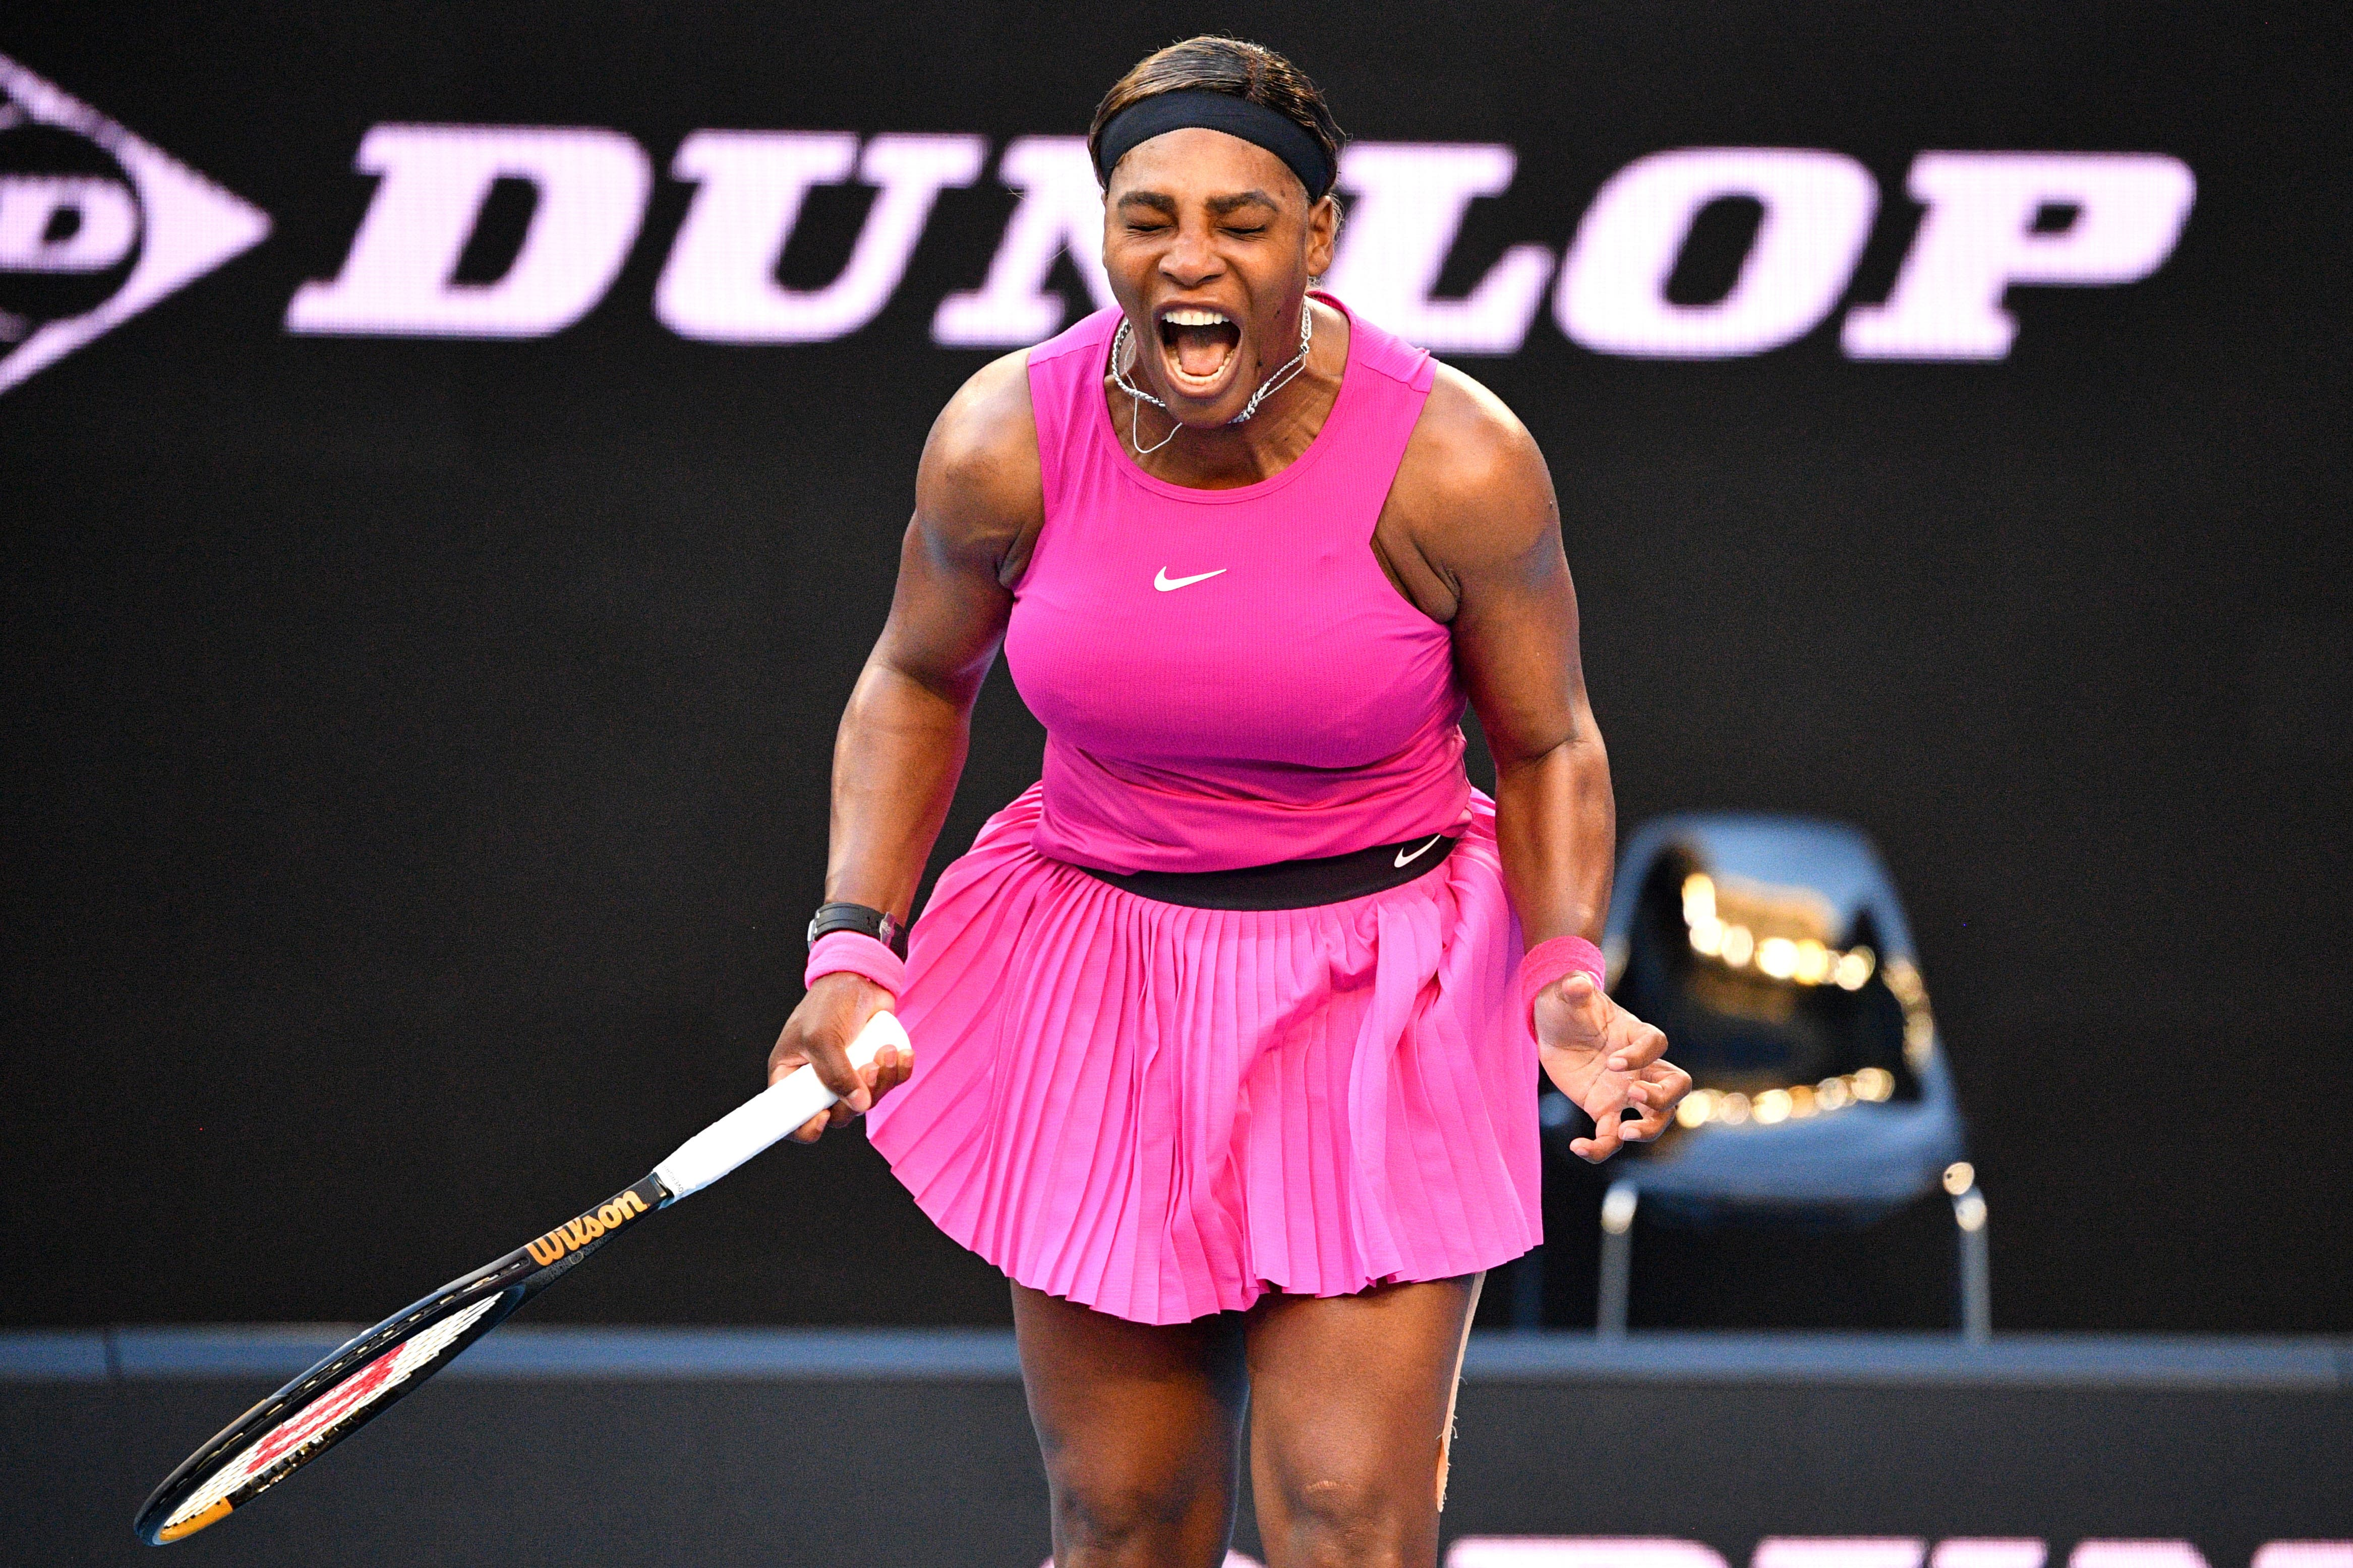 Serena Williams, 39, TennisDie jüngere der beiden Williams-Schwestern gewann sogar schwanger einen Grandslam. Momentan steht sie in der Weltrangliste auf Platz 11.